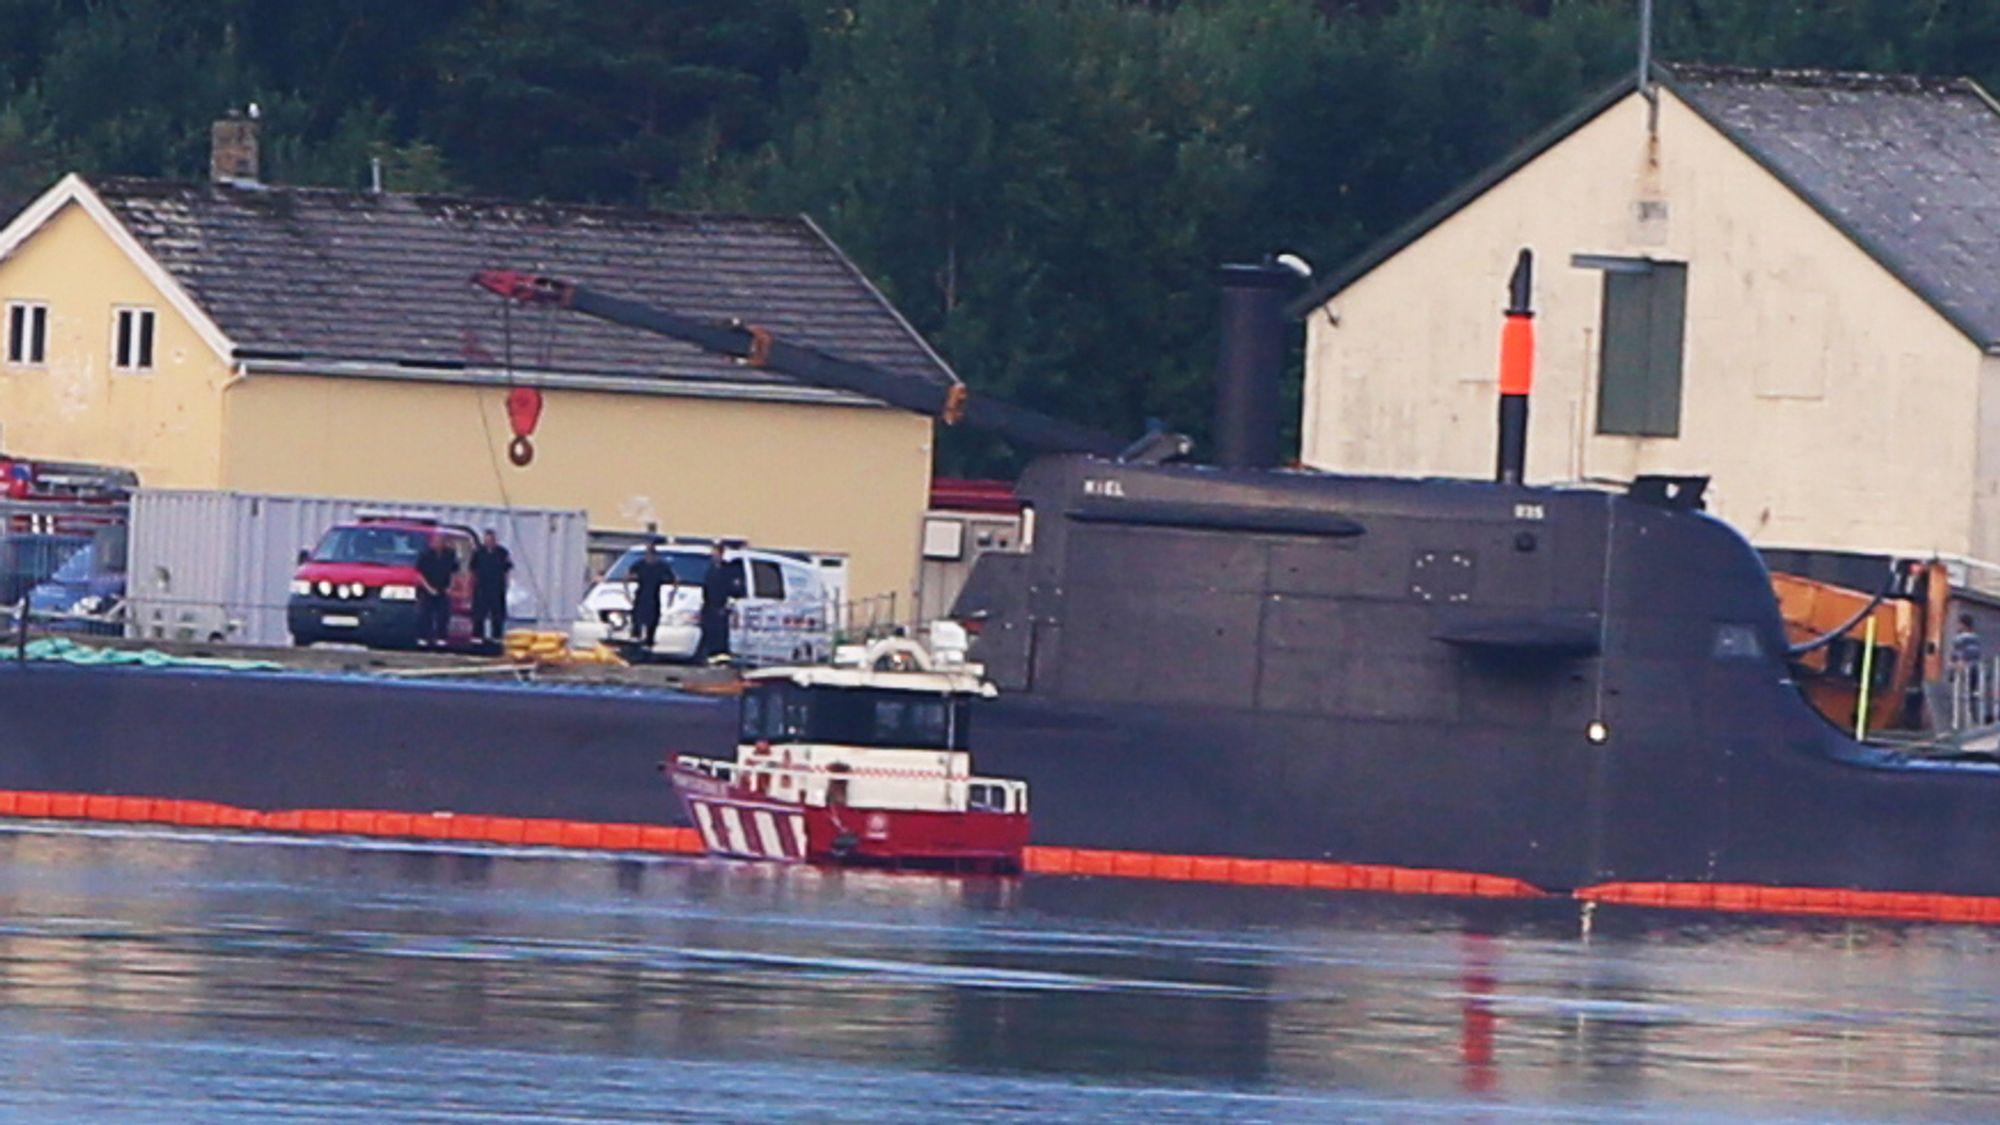 Mobilkranen veltet over tårnet på den tyske ubåten i 212A-klassen i Kristiansand.